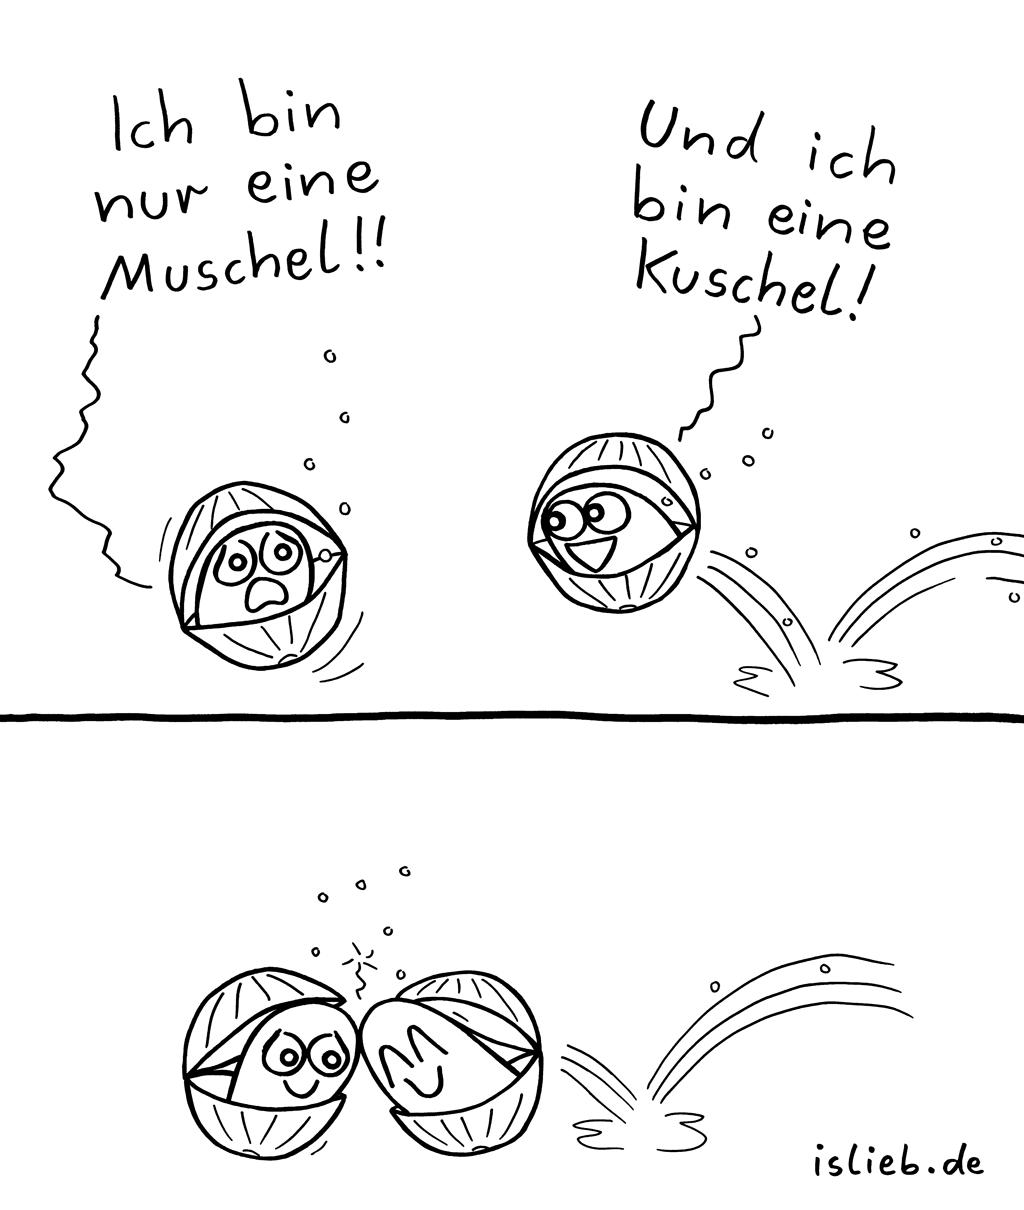 Muschel | Unterwasser-Comic | is lieb?